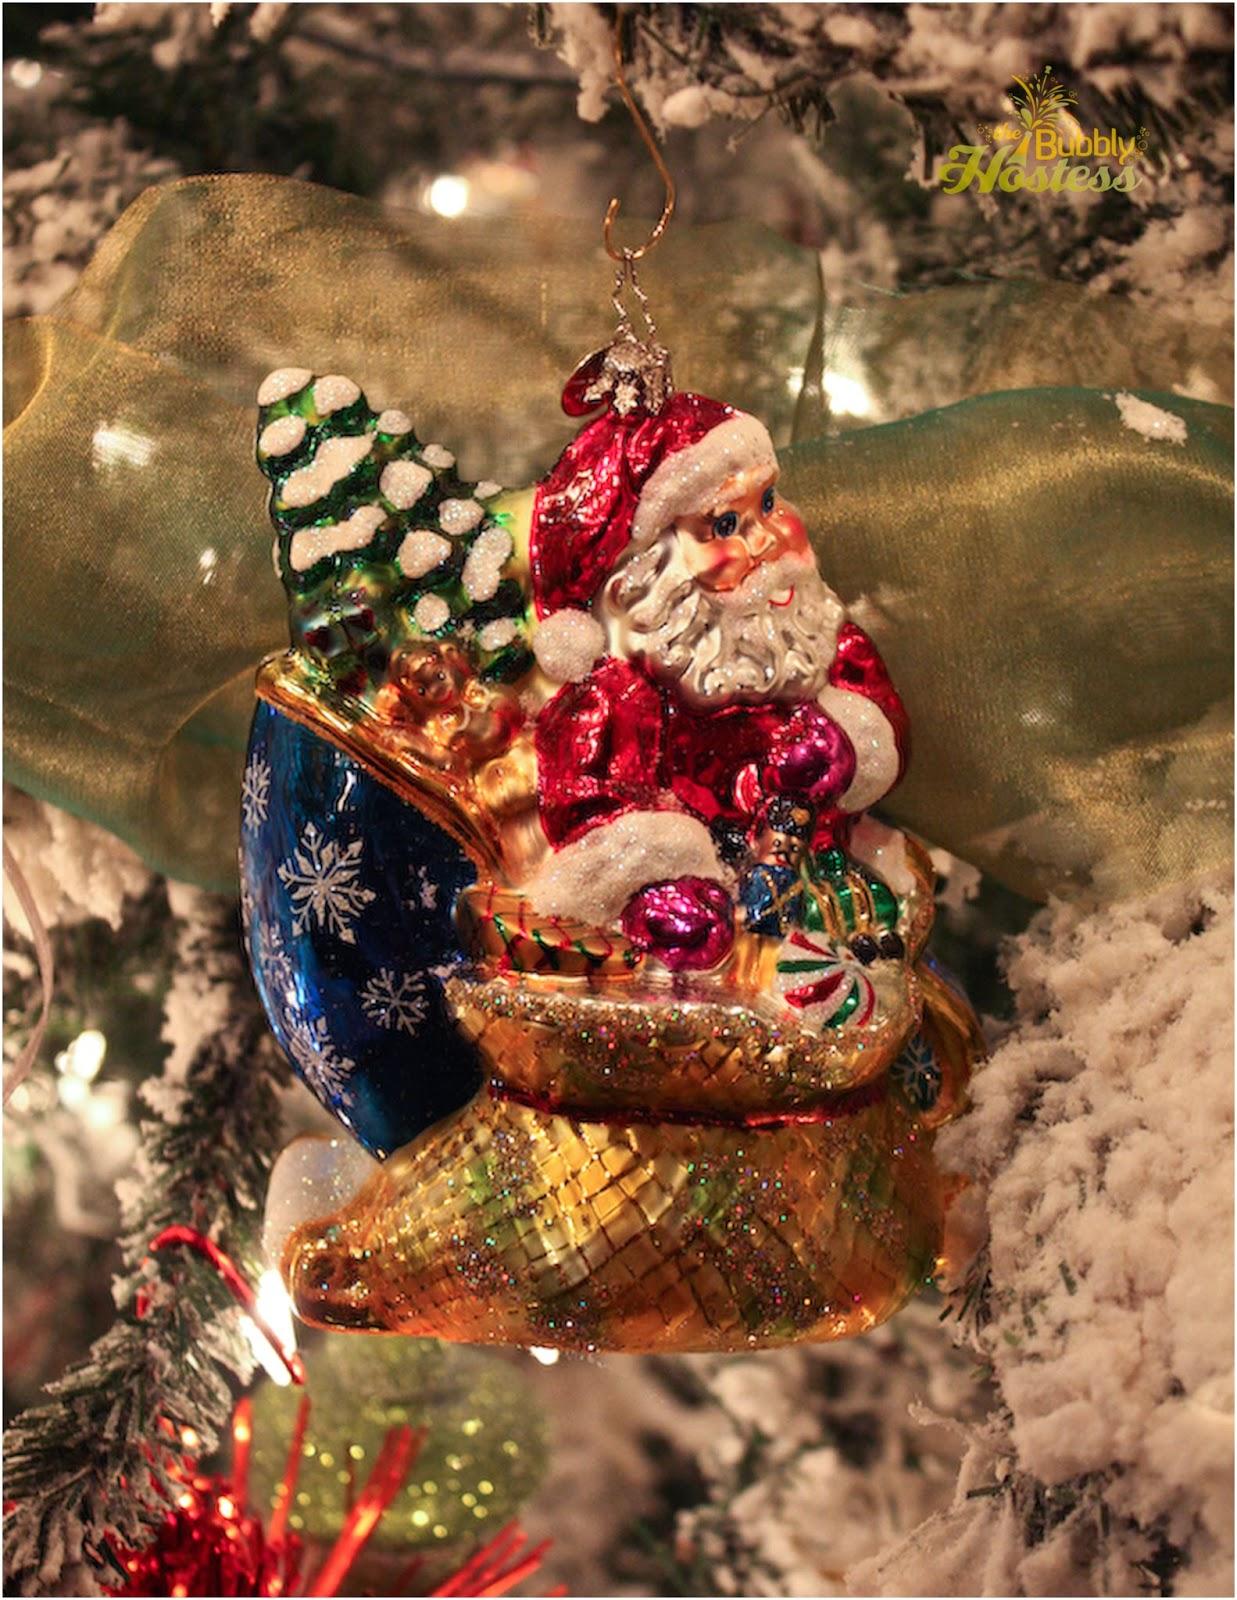 The Bubbly Hostess Flocked Christmas Tree Decorated